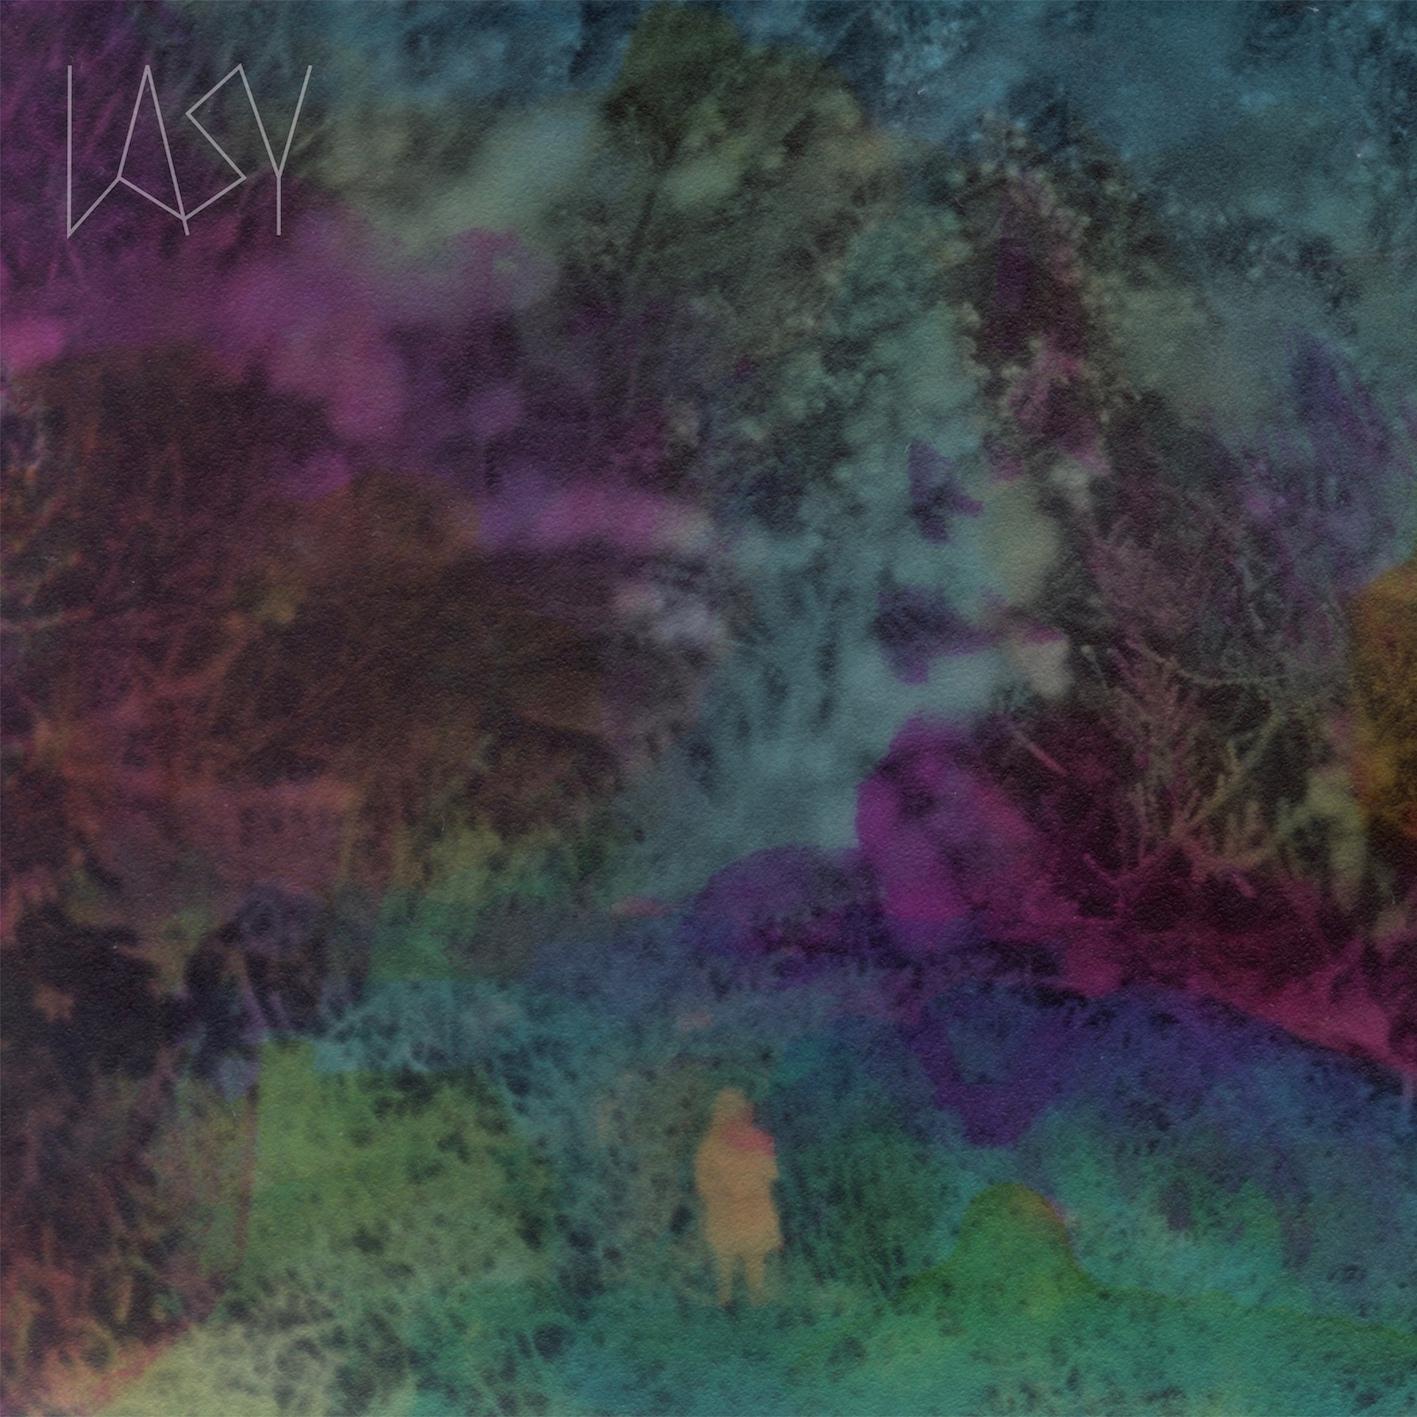 Okładka płyty projektu LASY